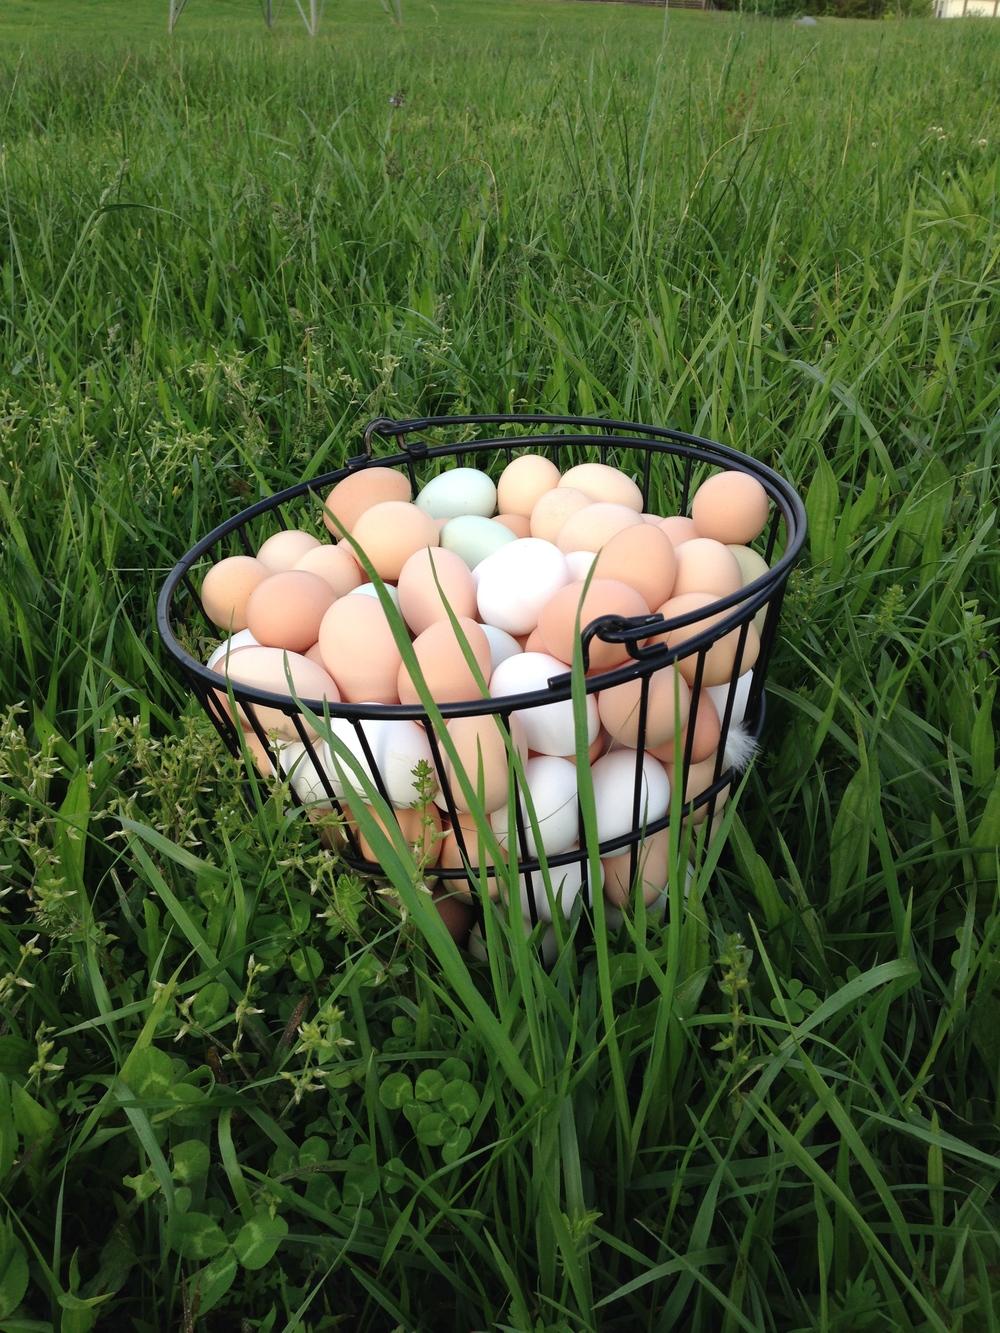 Farm Fresh Eggs in Spring Pasture